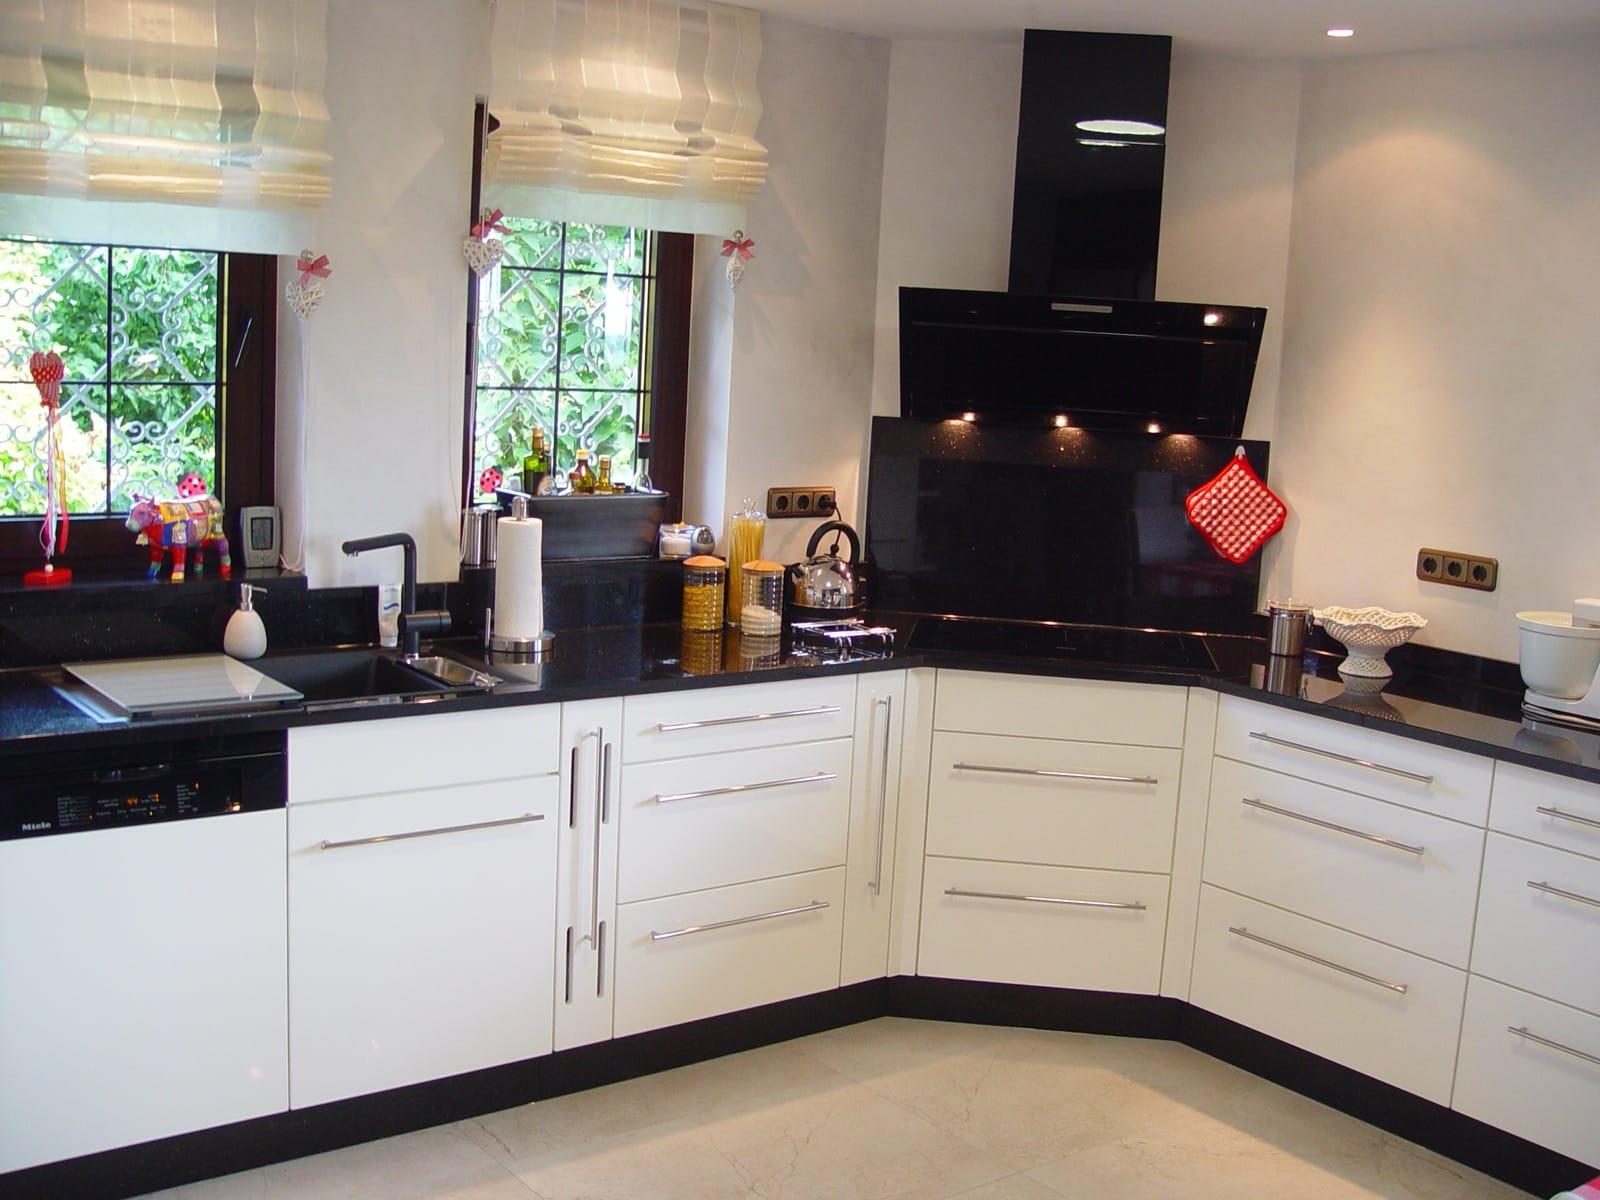 außergewöhnliche Einbauküche in weiß Hochglanz mit Granit-Arbeitsplatte